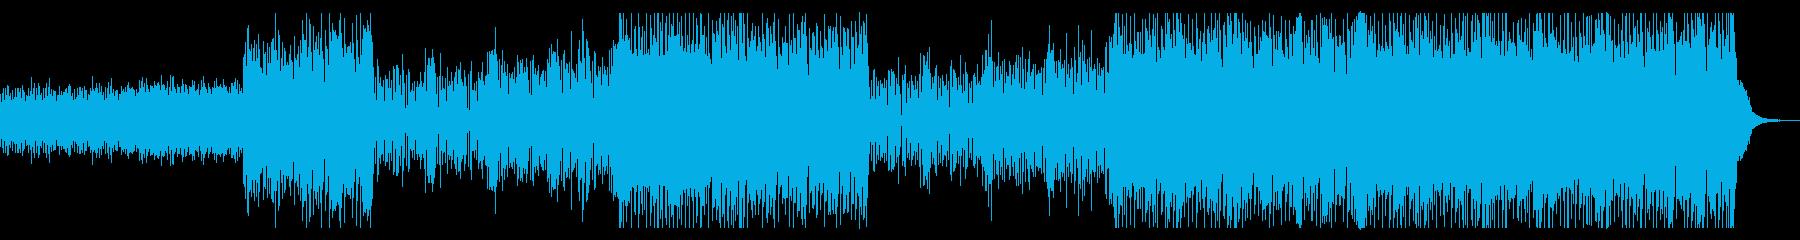 シンセサウンドとドラムの力強いビートの再生済みの波形